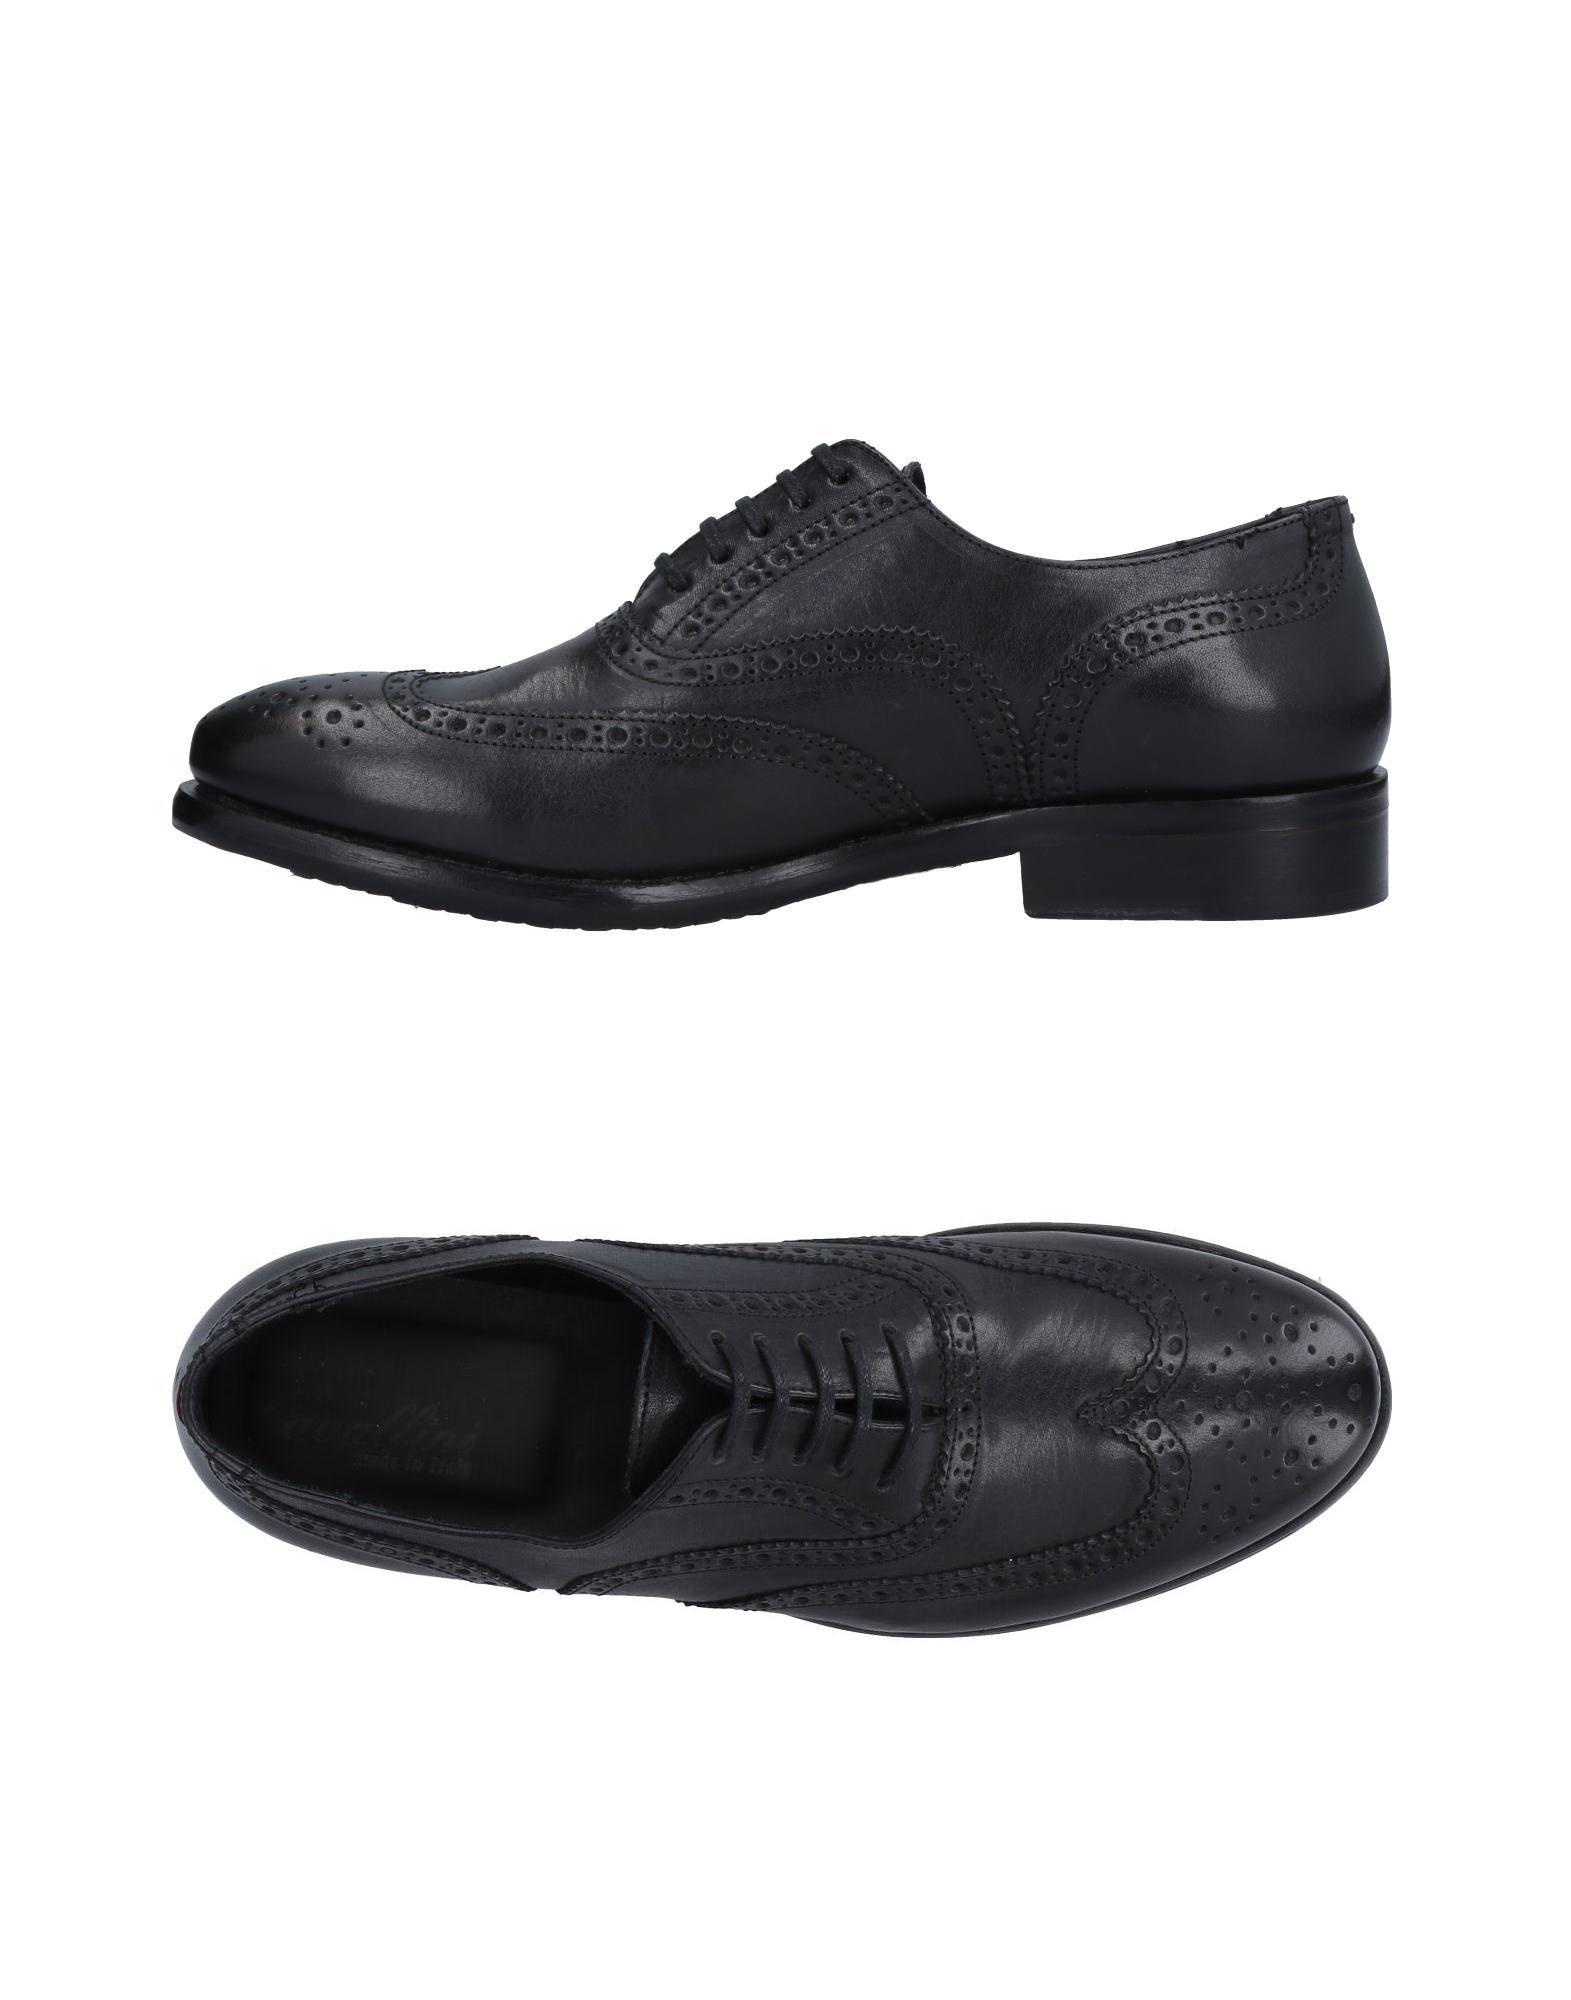 Rabatt echte Schuhe Cavallini Schnürschuhe Herren  11506996OF